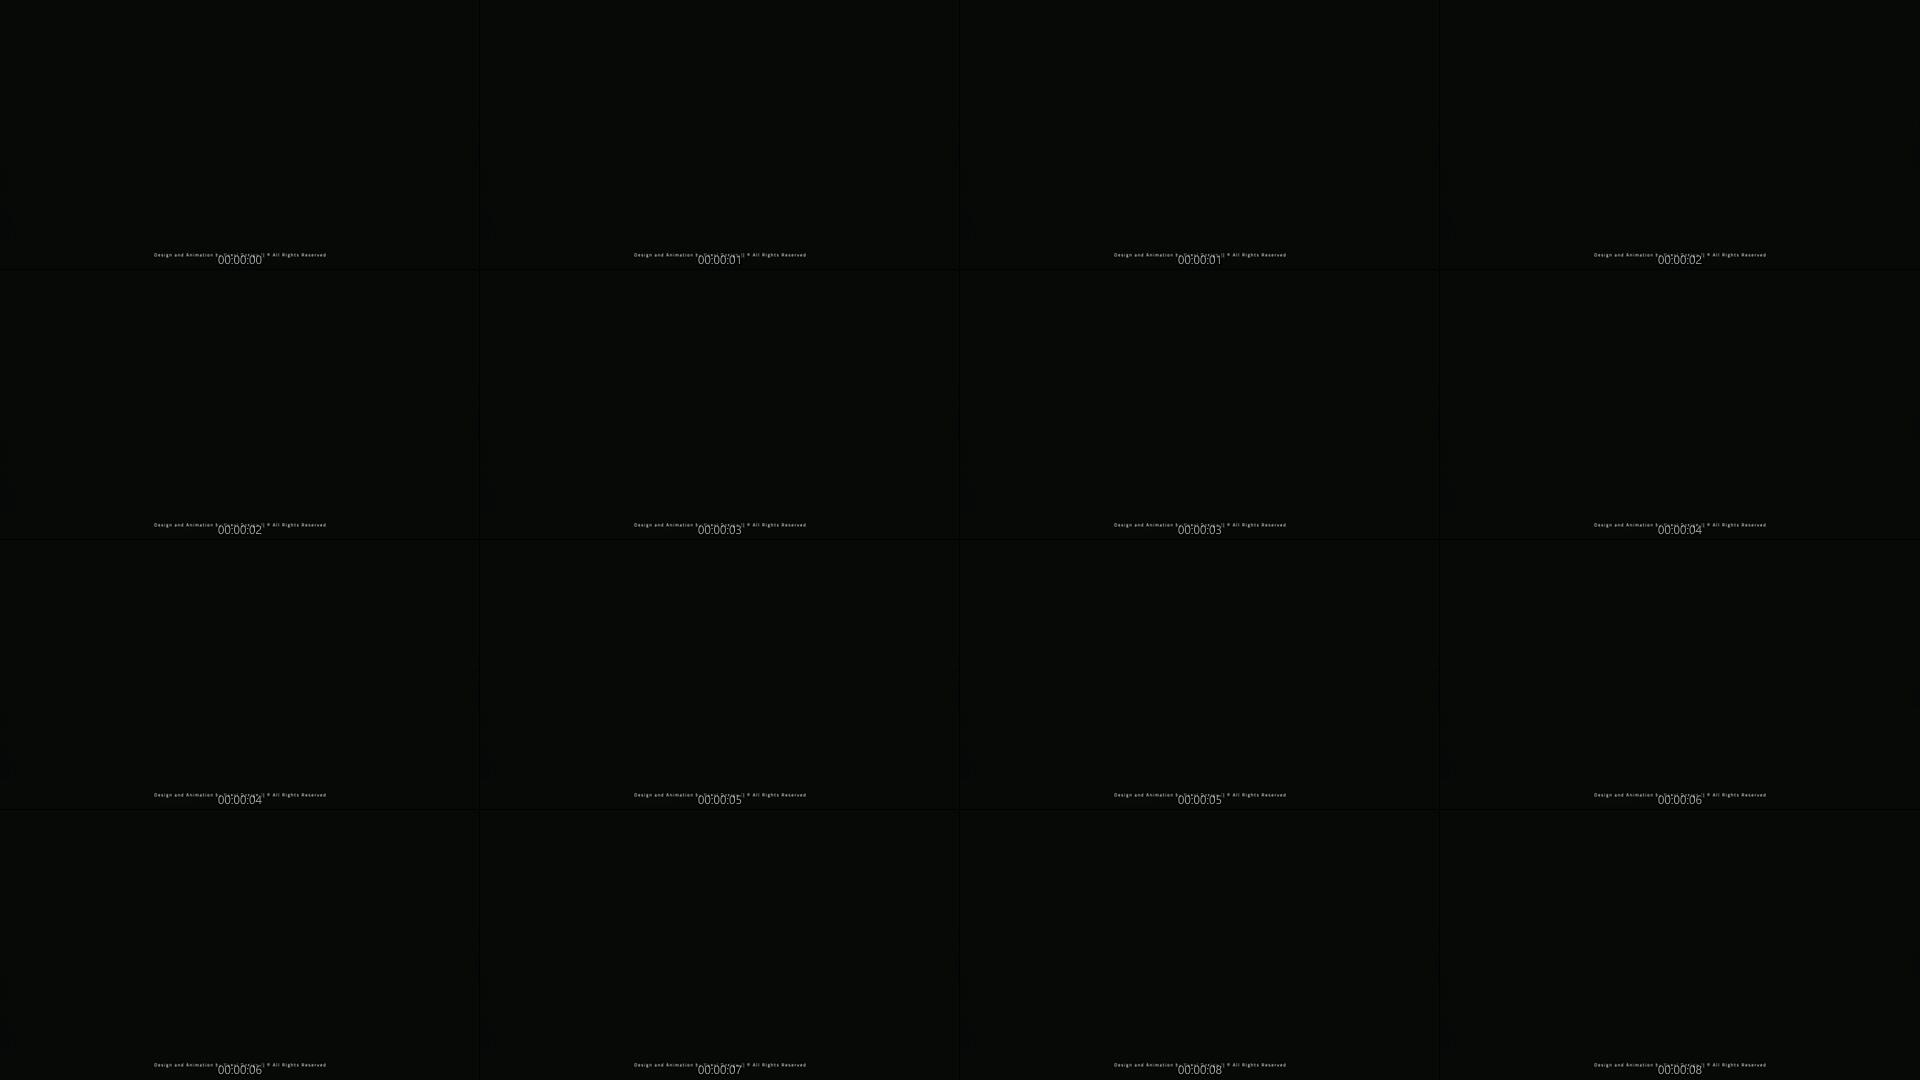 未来科技HUD科幻logo标志开场片头